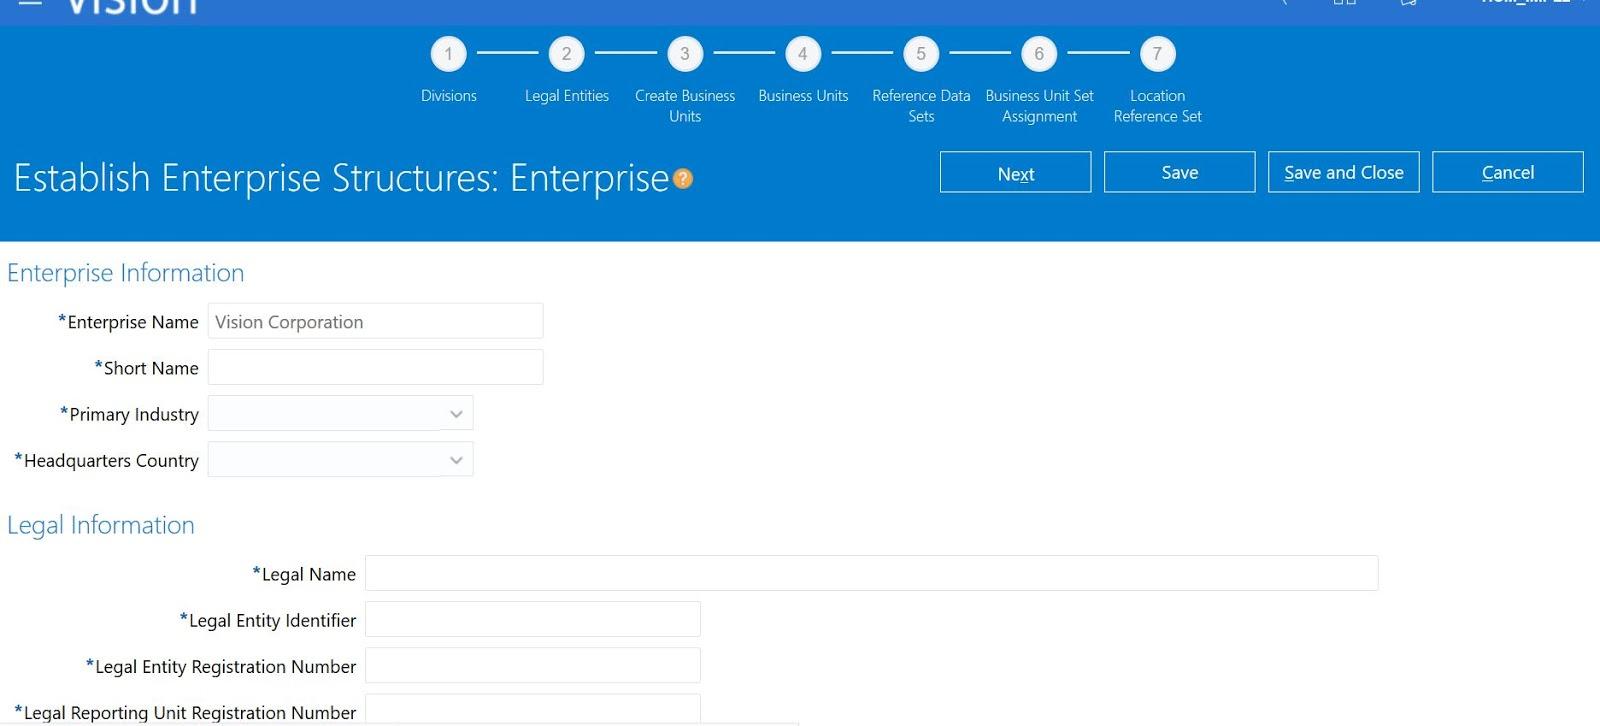 Enterprise Structure